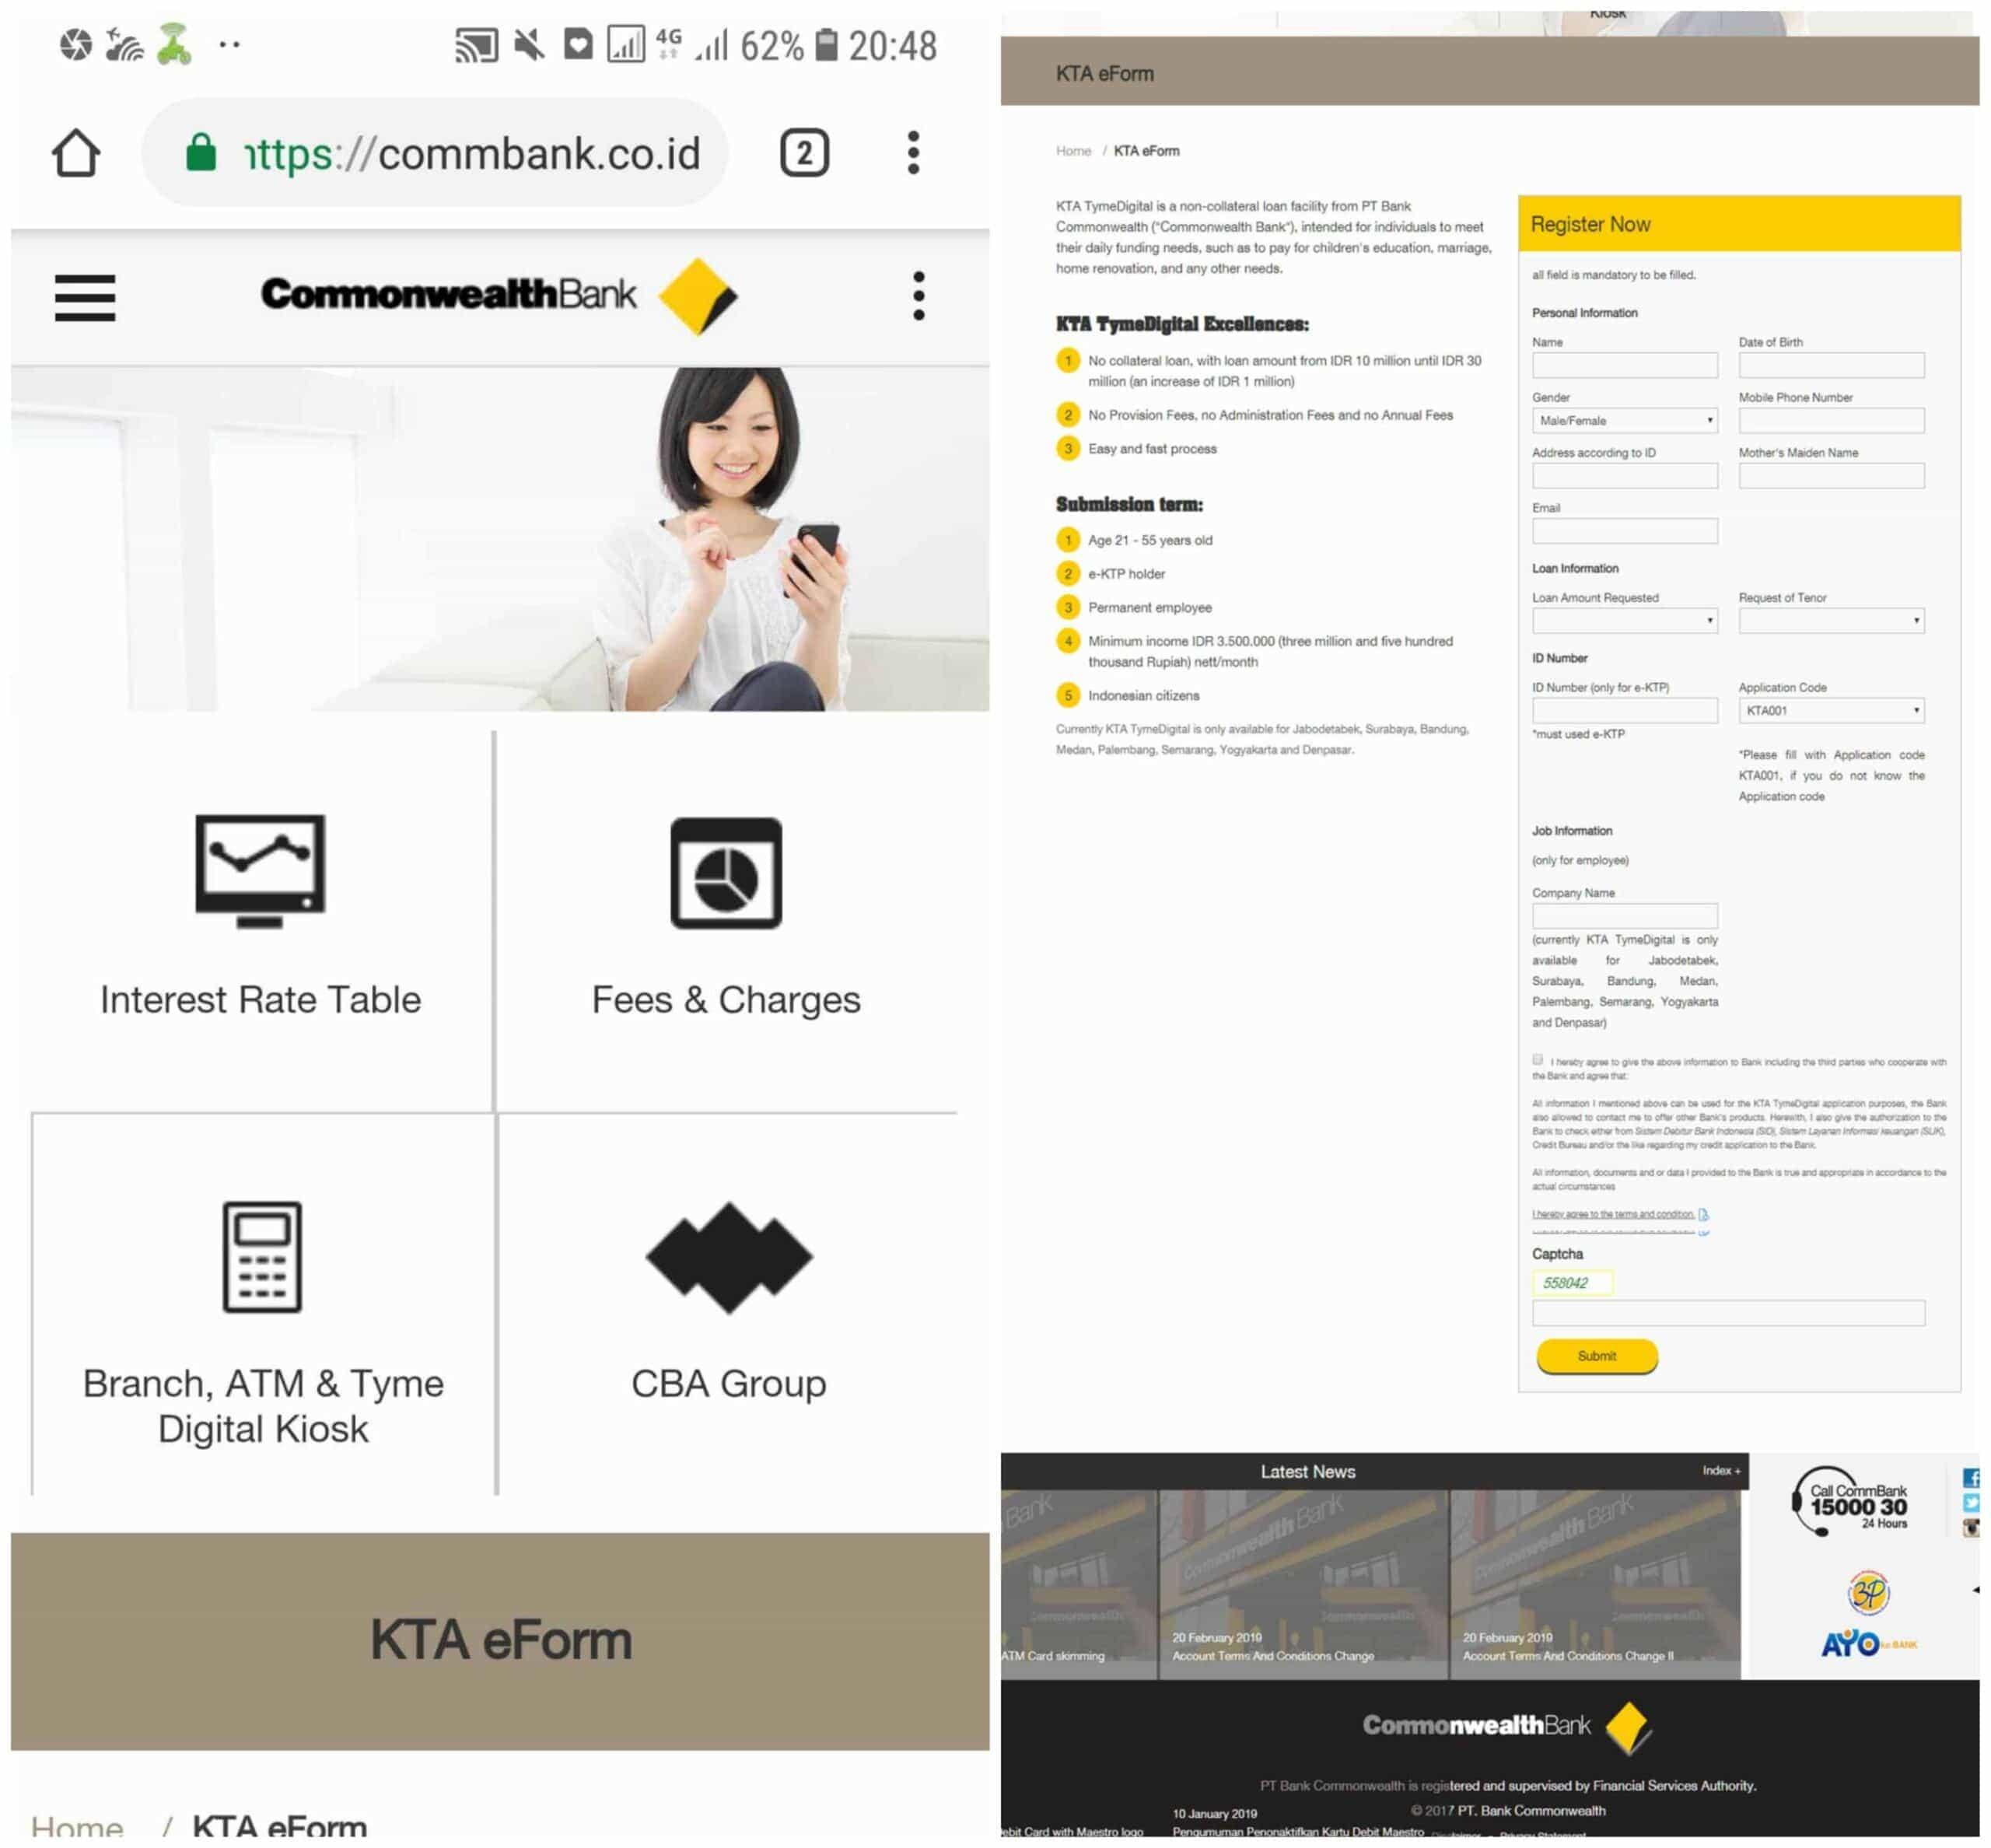 KTA Commbank Online 2019